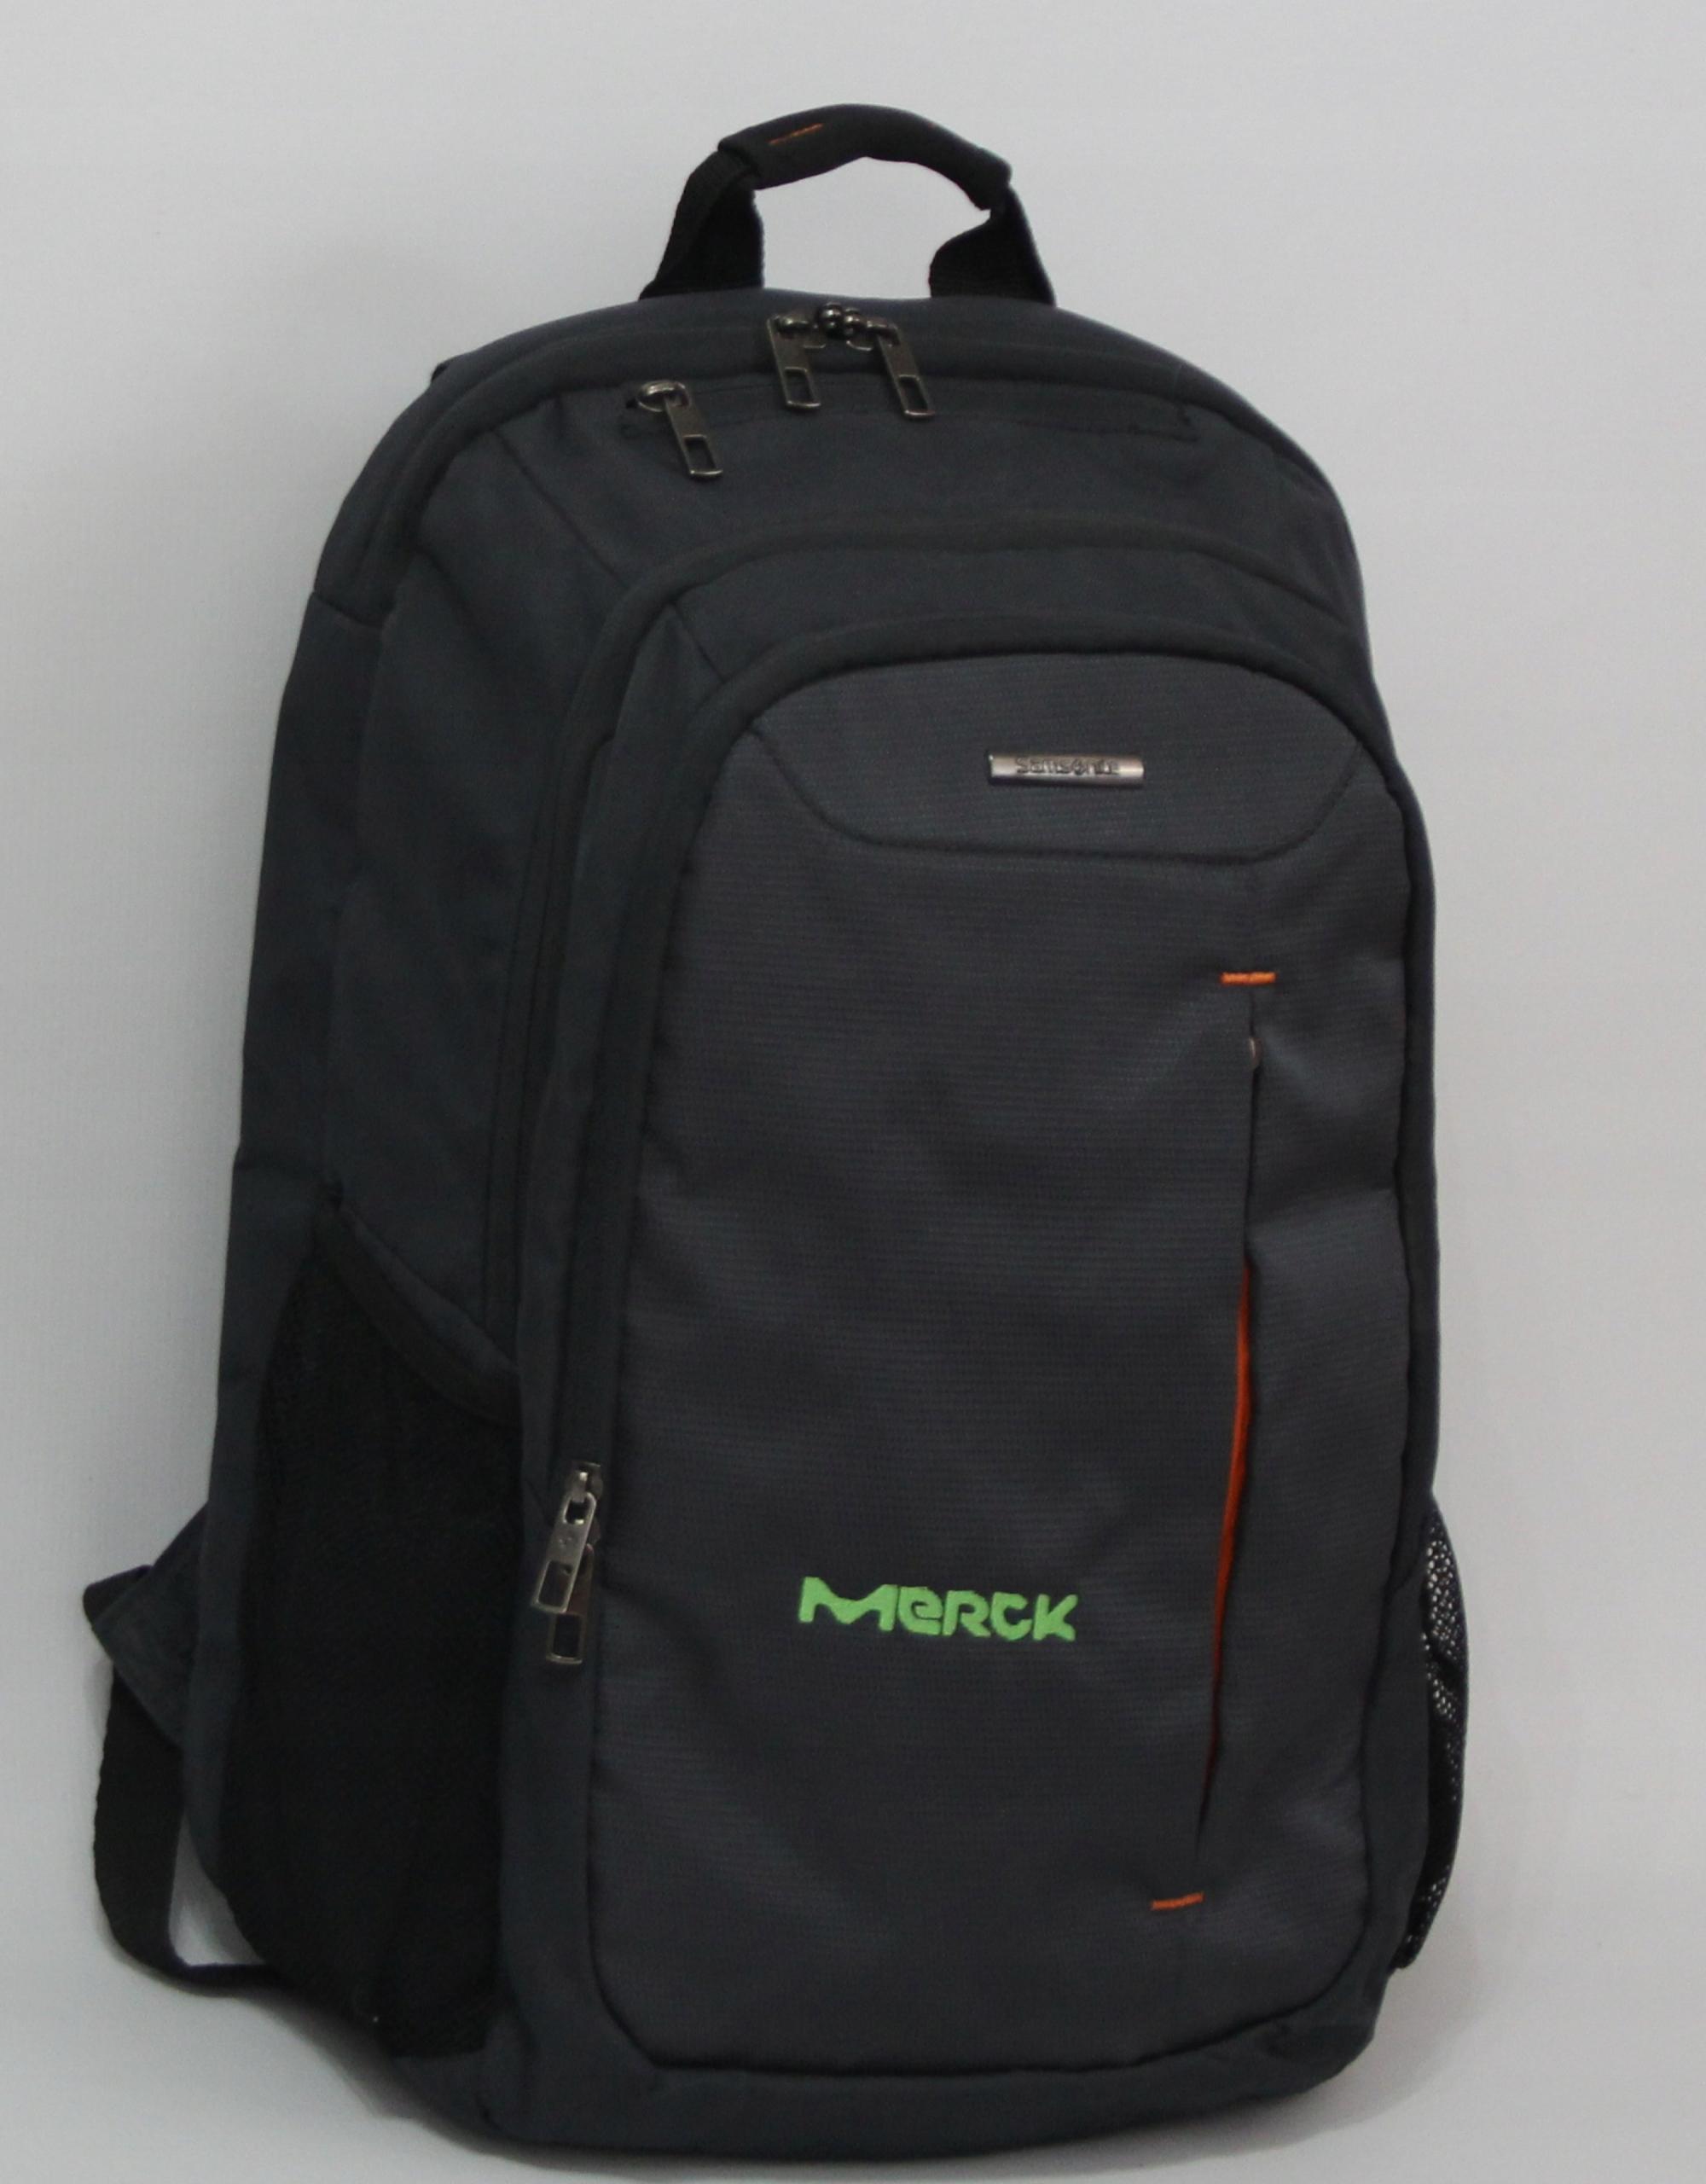 Śliczny Plecak SAMSONITE MERCK Jak Nowy